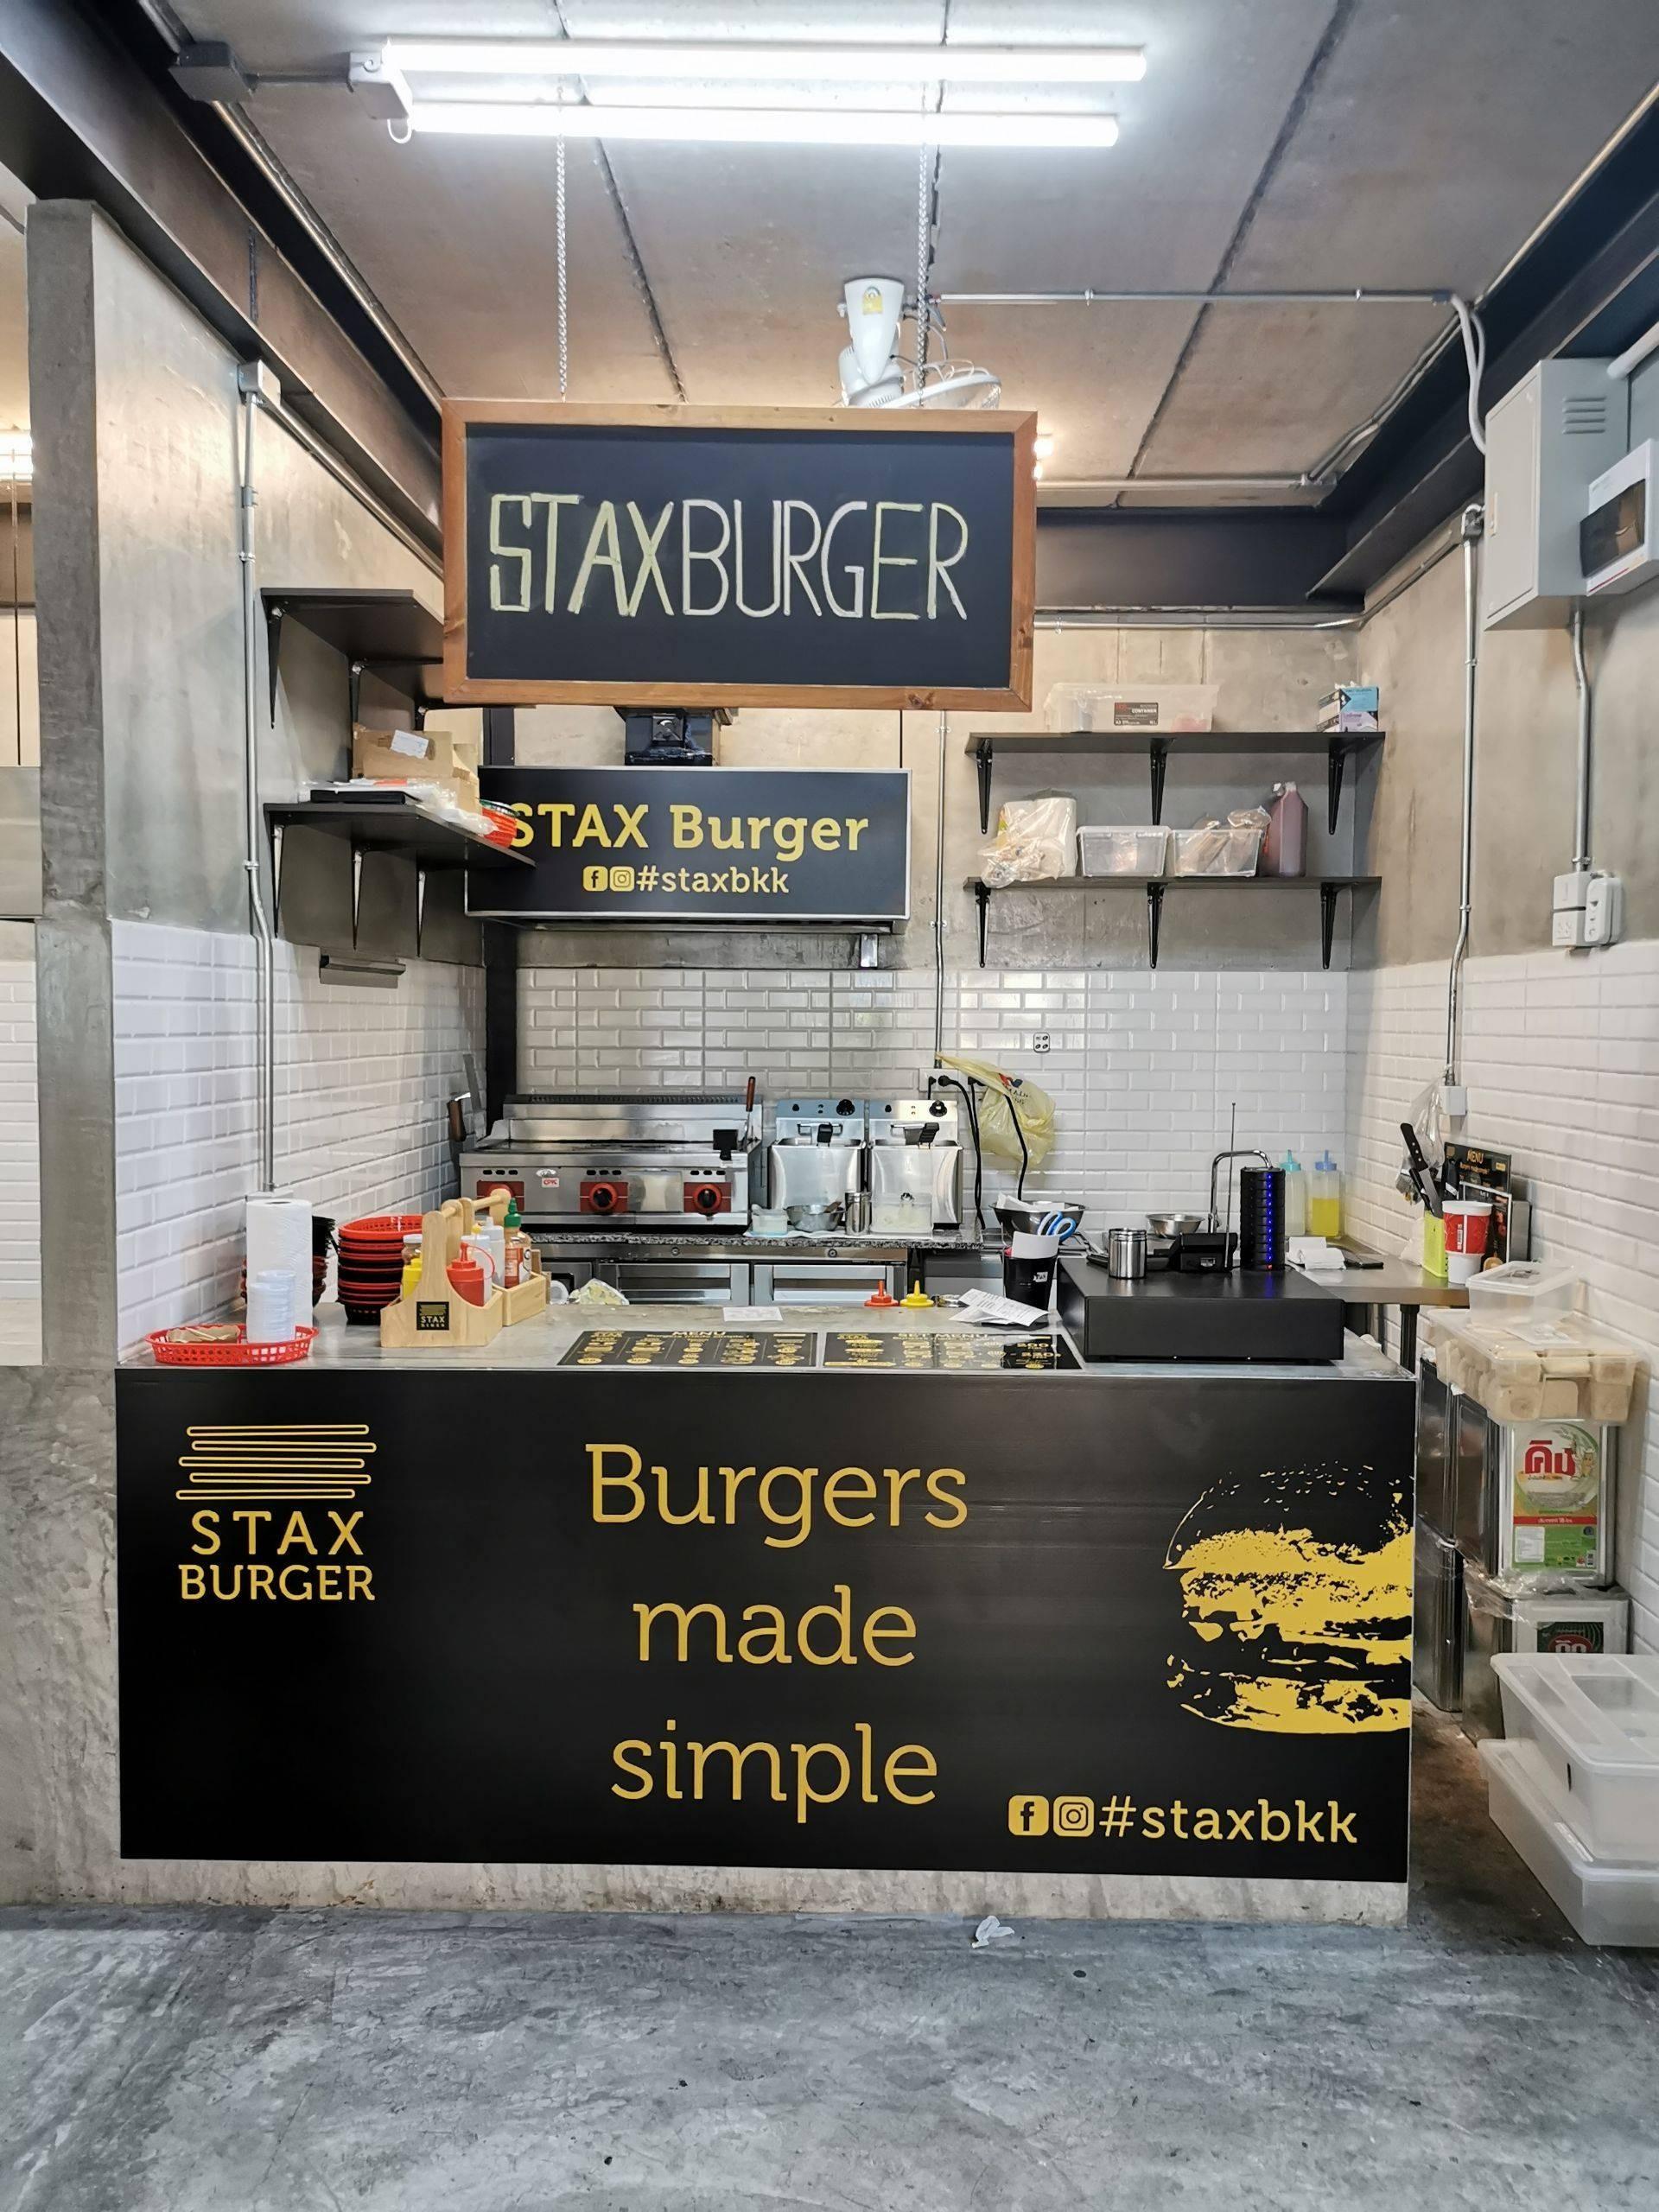 Stax Burger